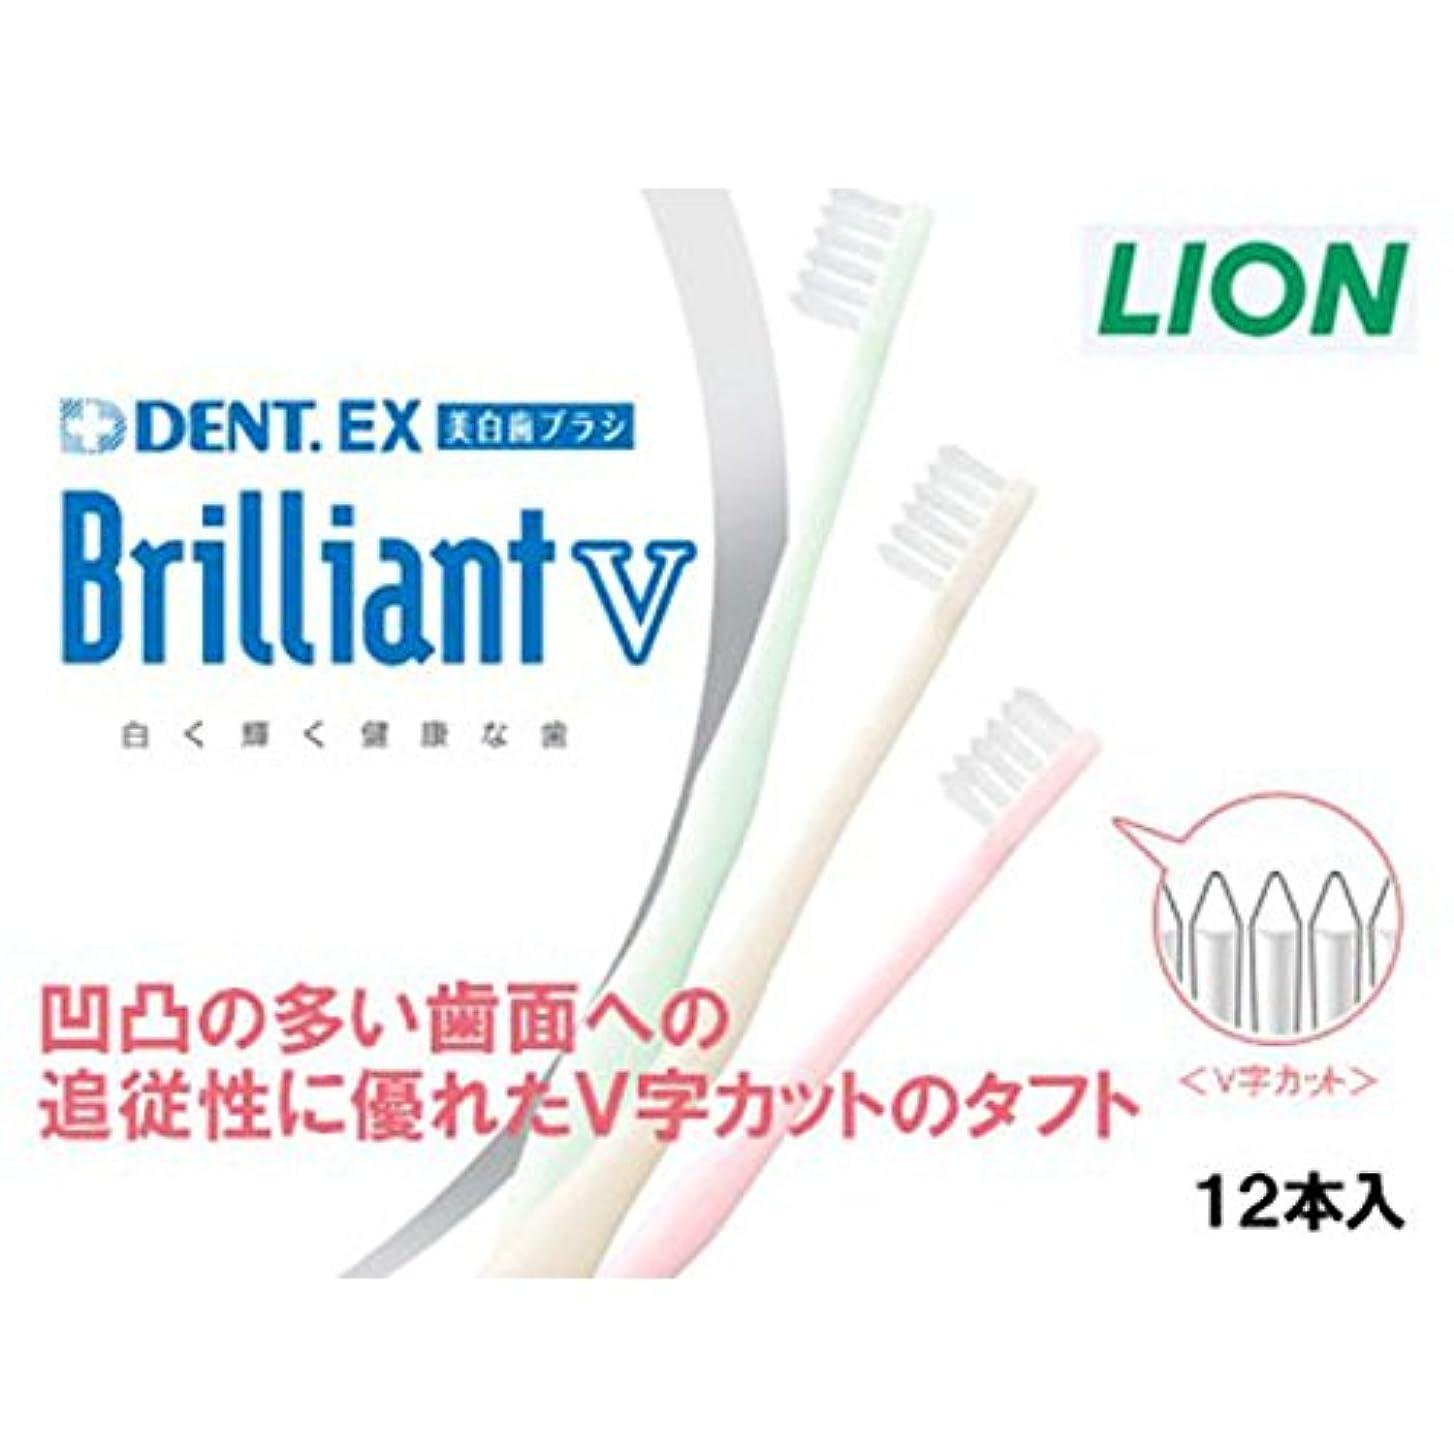 動摘むガラスライオン ブリリアントV 歯ブラシ DENT.EX BrilliantV 12本